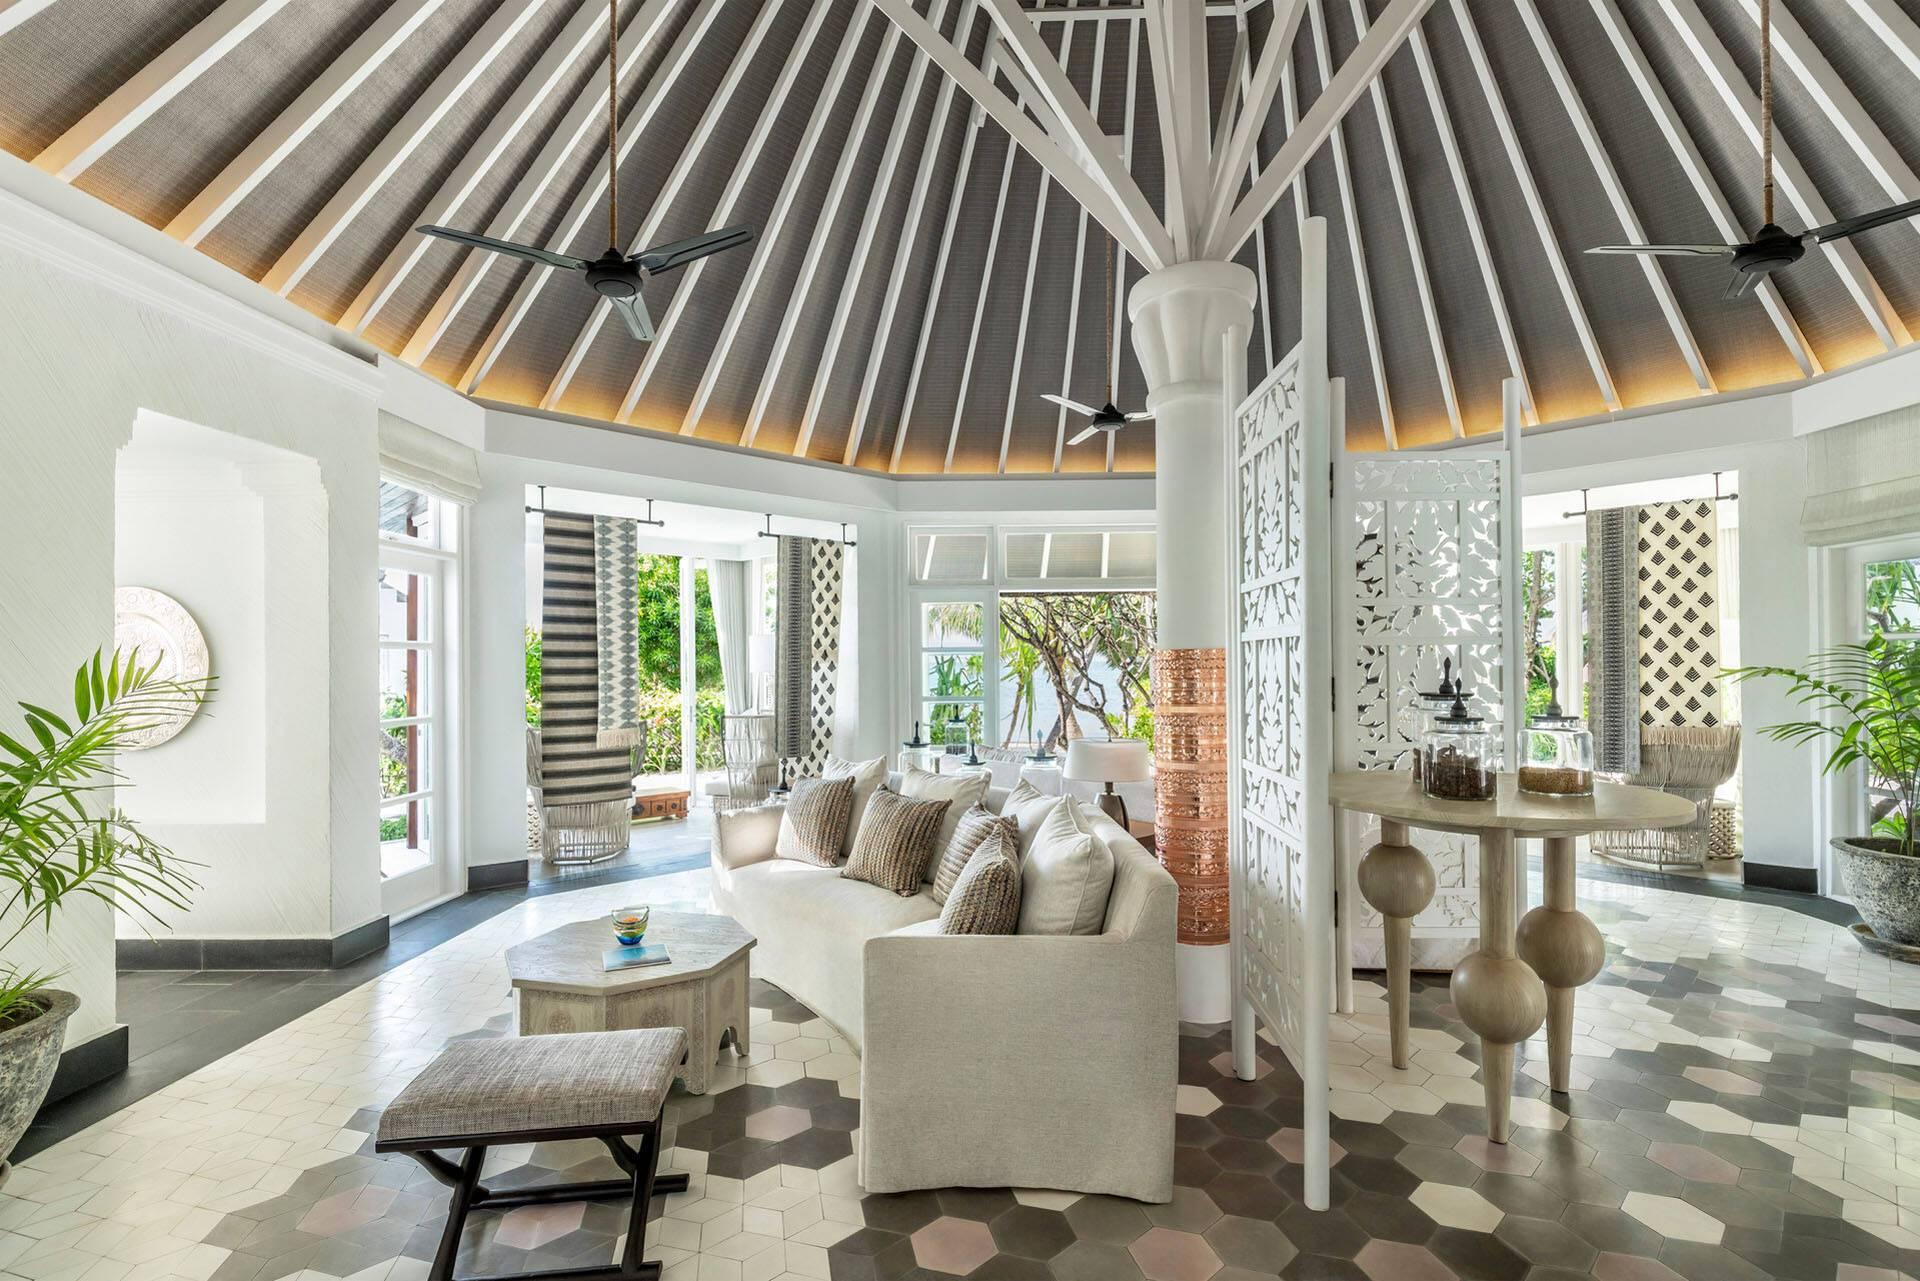 Four Seasons Kuda Huraa Maldives Lobby